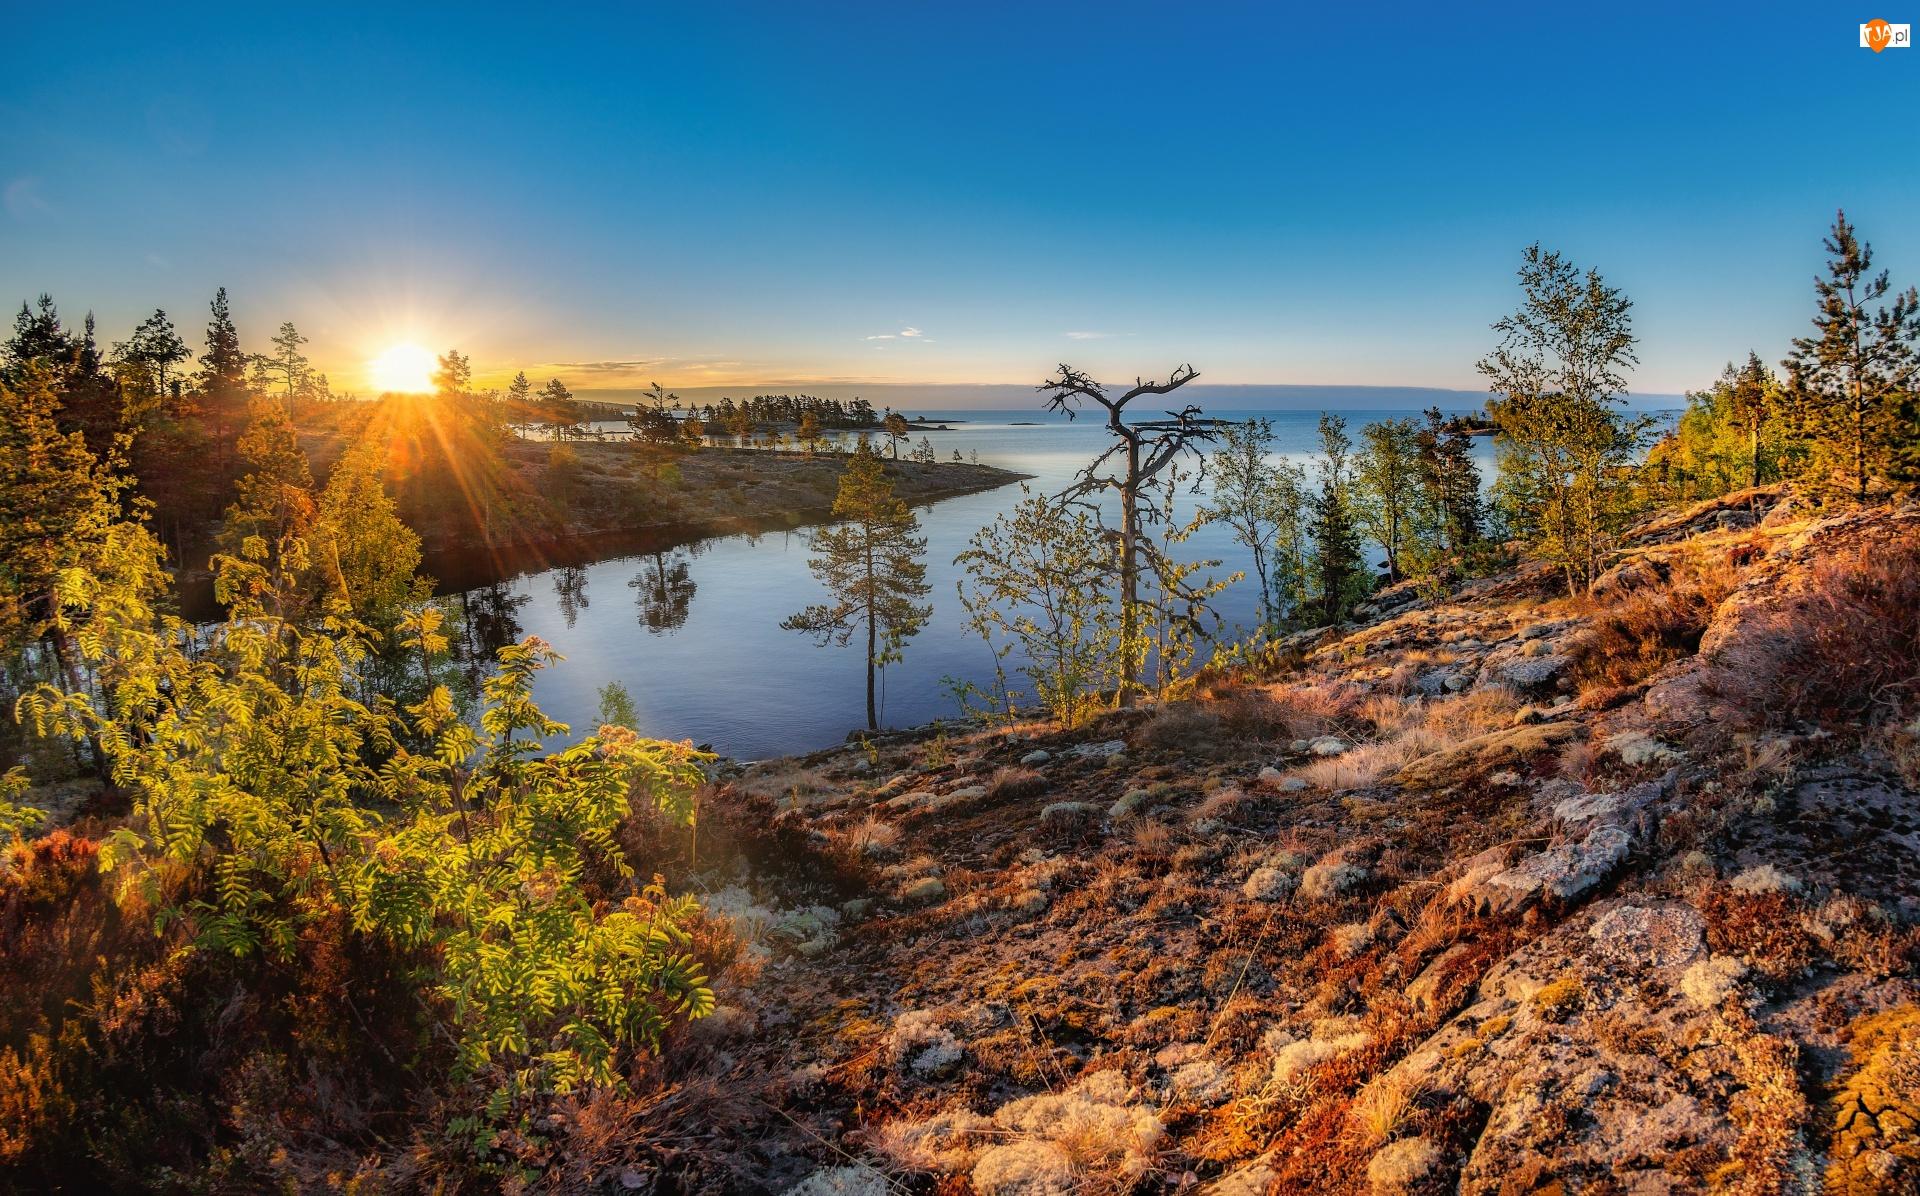 Wschód słońca, Jesień, Jezioro, Skały, Drzewa, Kamienie